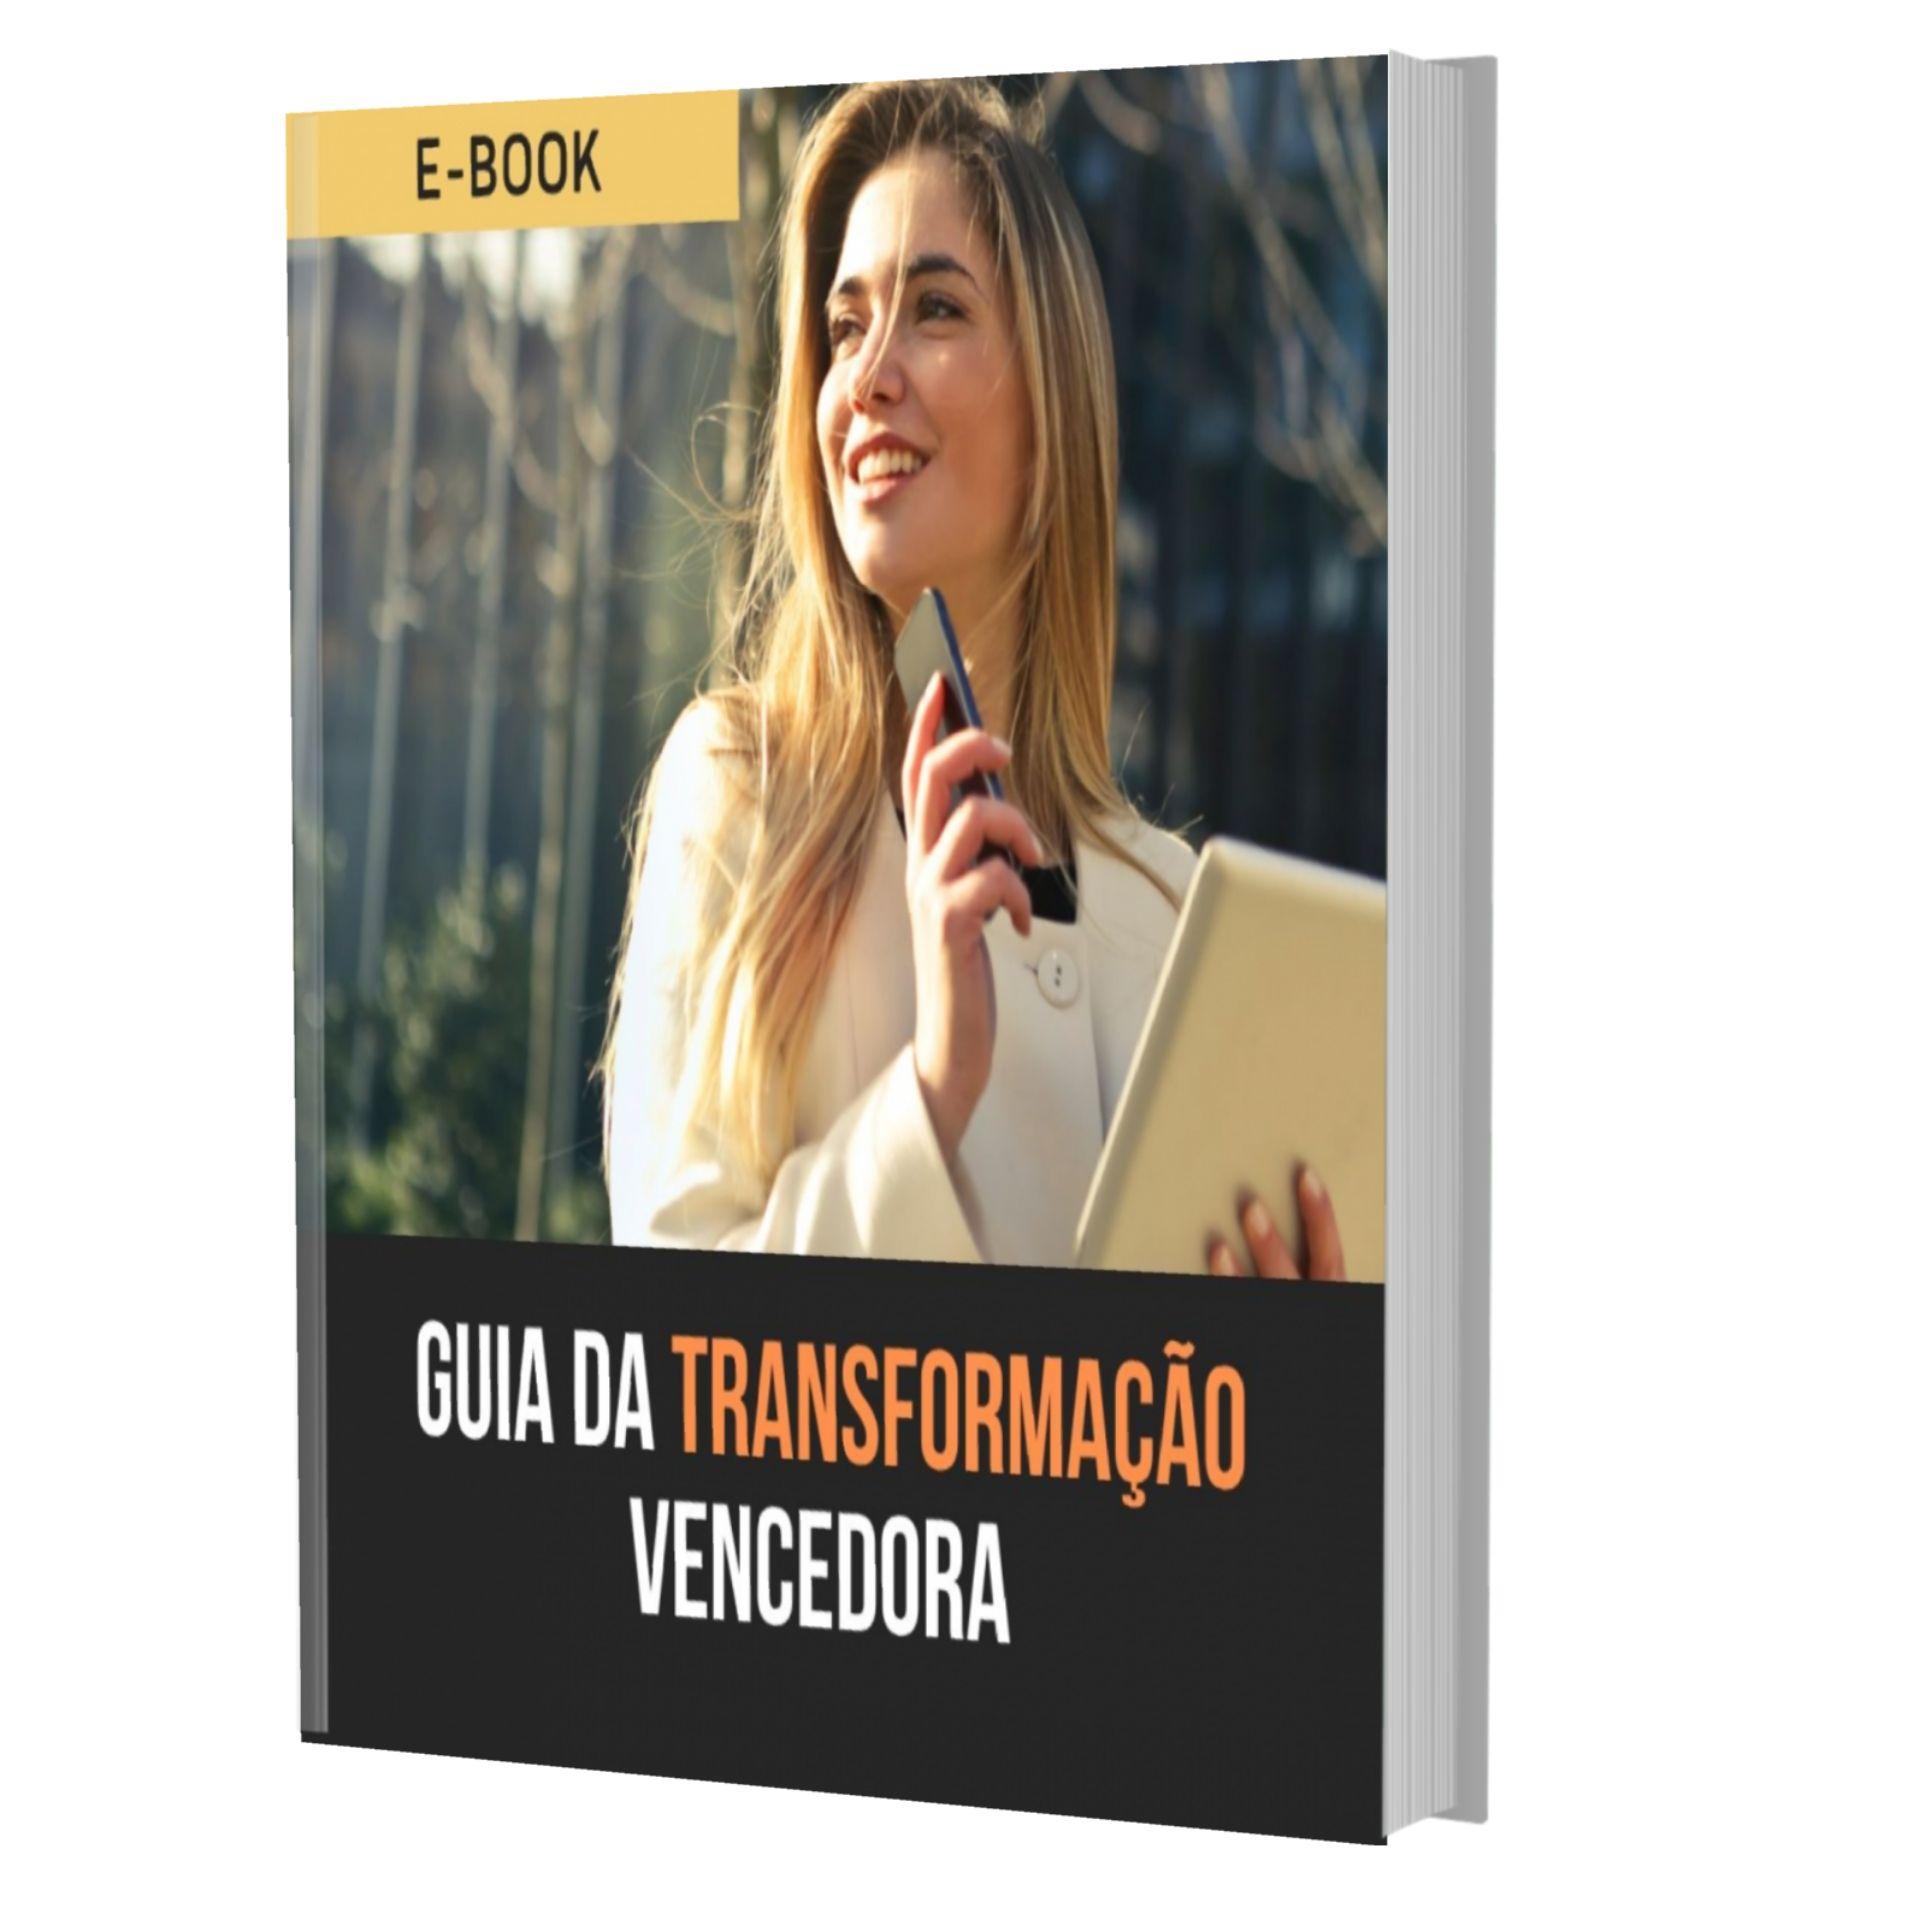 Baixe Gratuitamente o E-book Guia da Transformação Vencedora